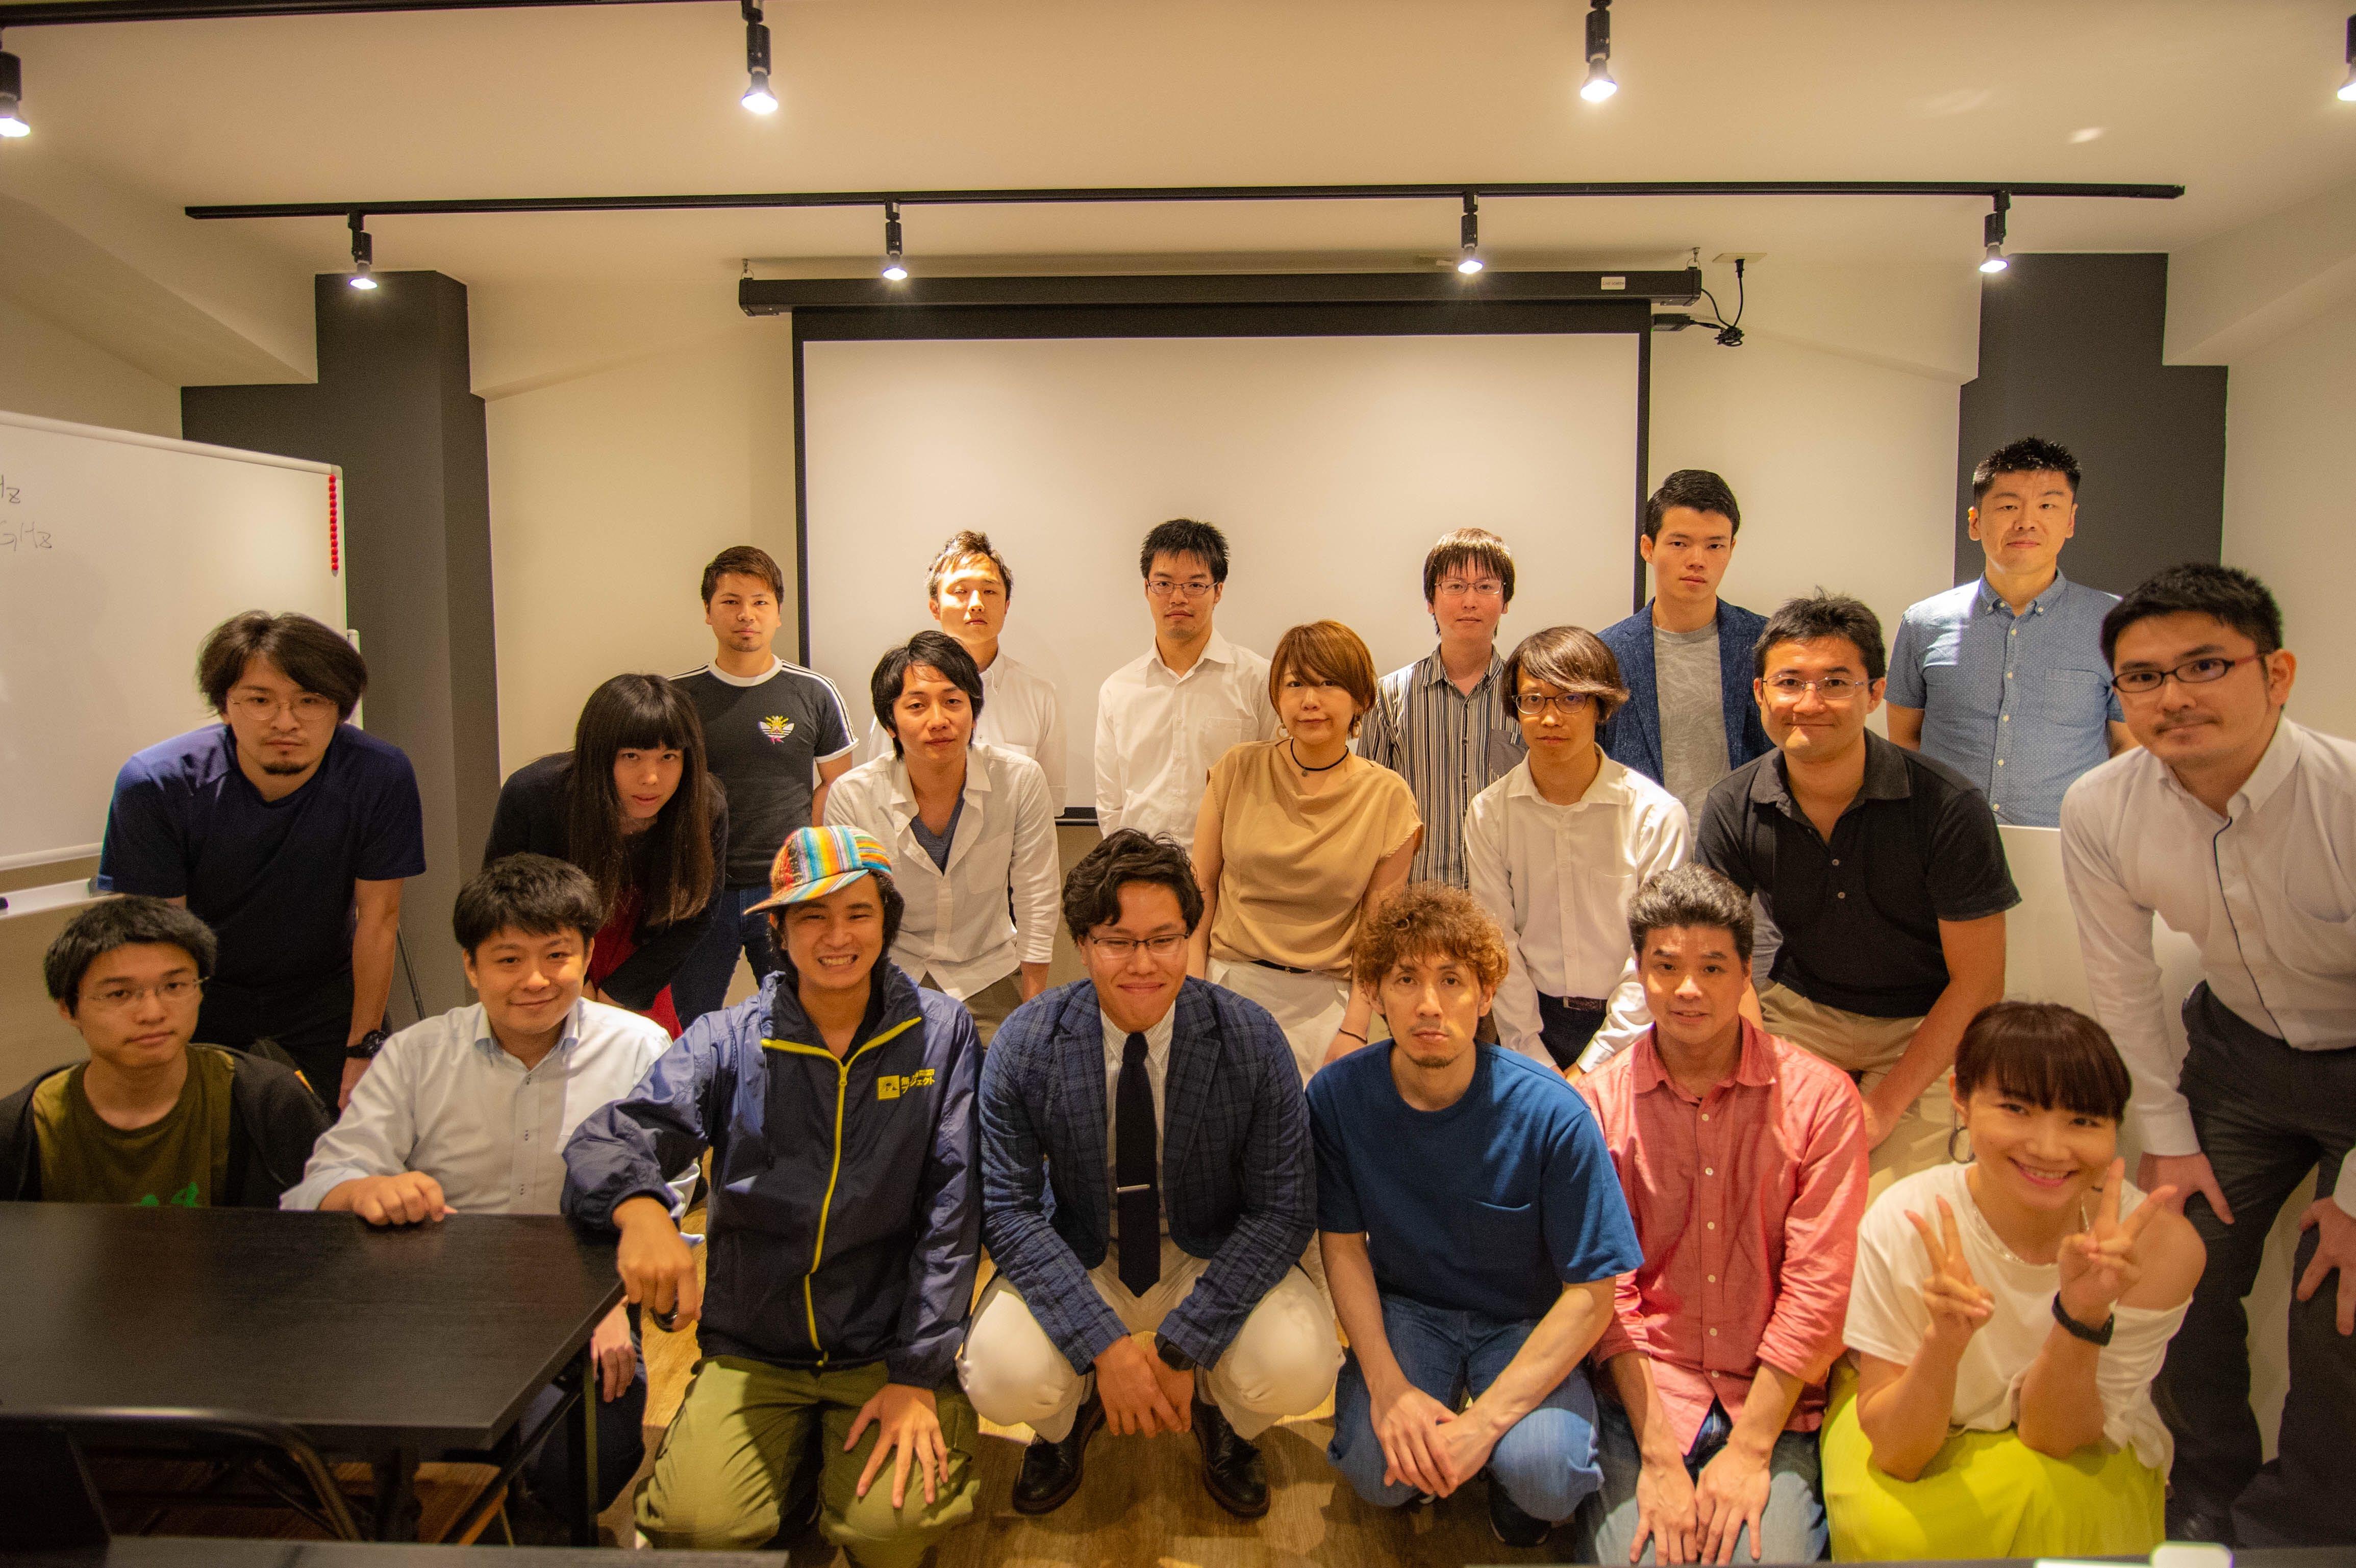 データラーニングギルドオープン記念イベント「TECH × サロンで作るこれからのキャリア」を開催しました